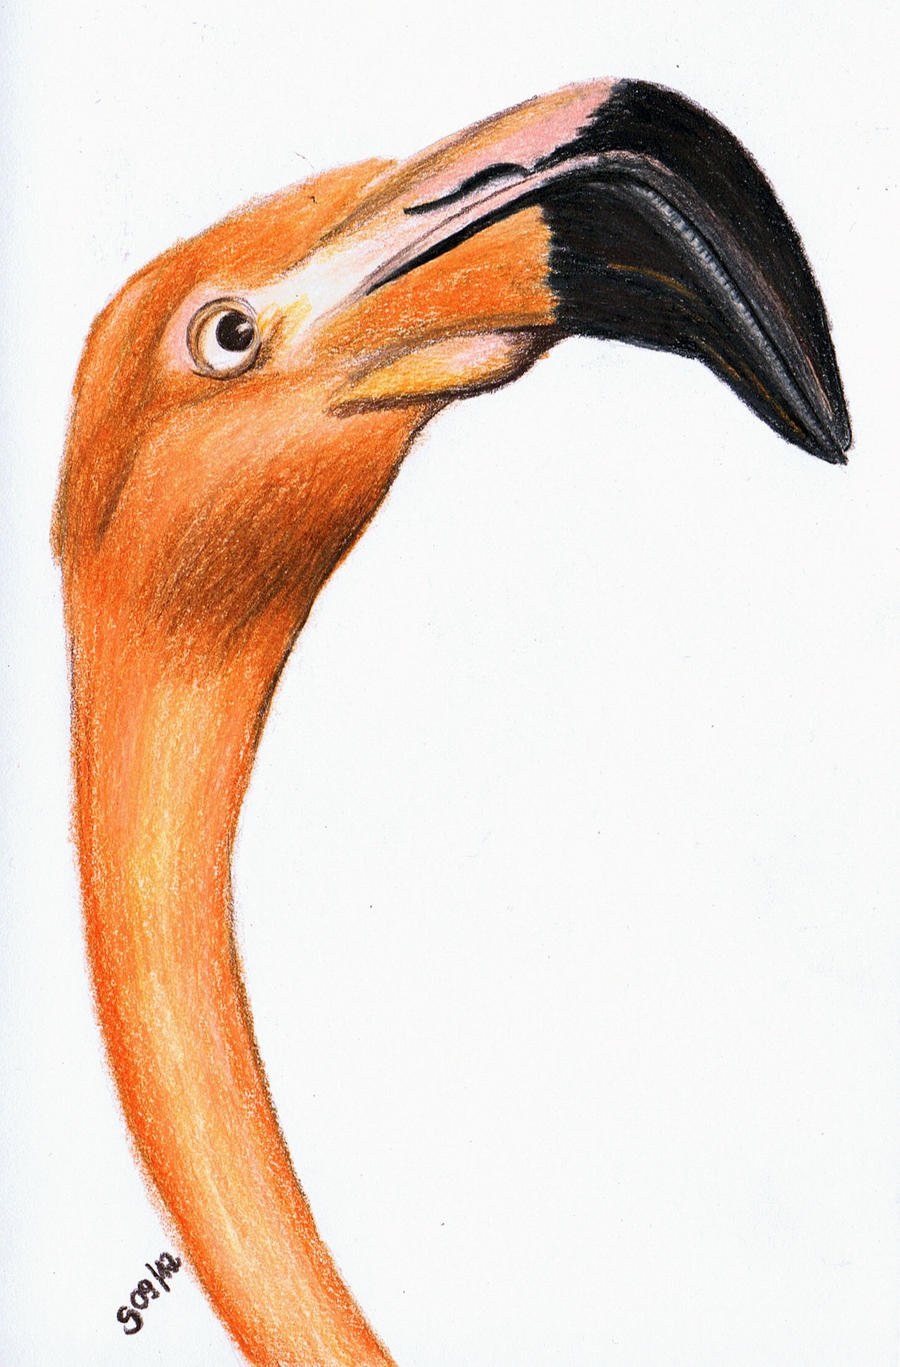 Flamingo by Milana87